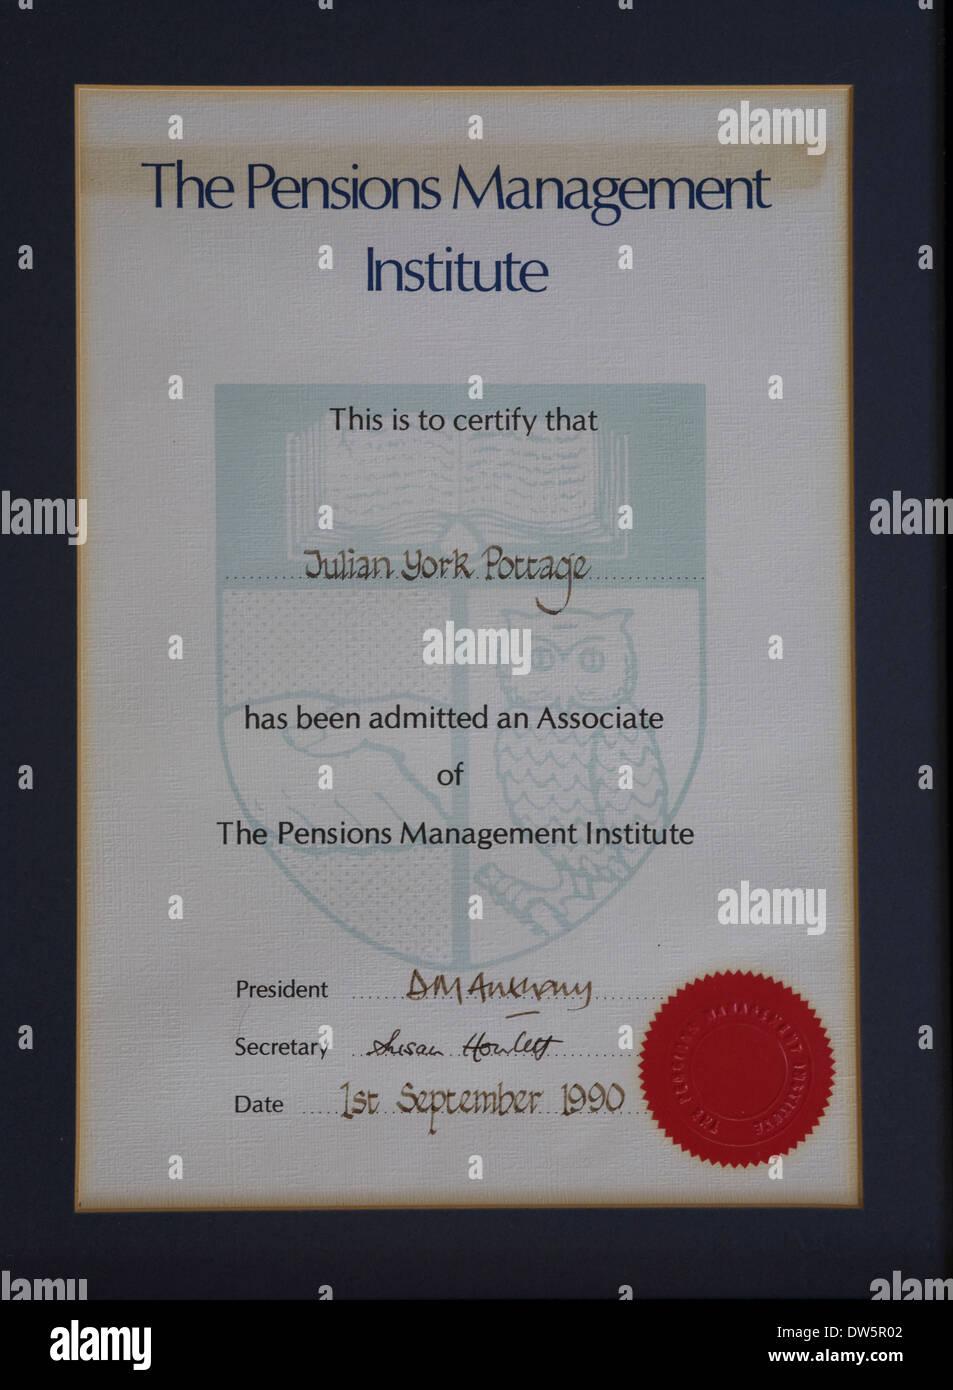 Instituto de Administración de pensiones, PMI, admisión, asociar, elección, calificación profesional Imagen De Stock